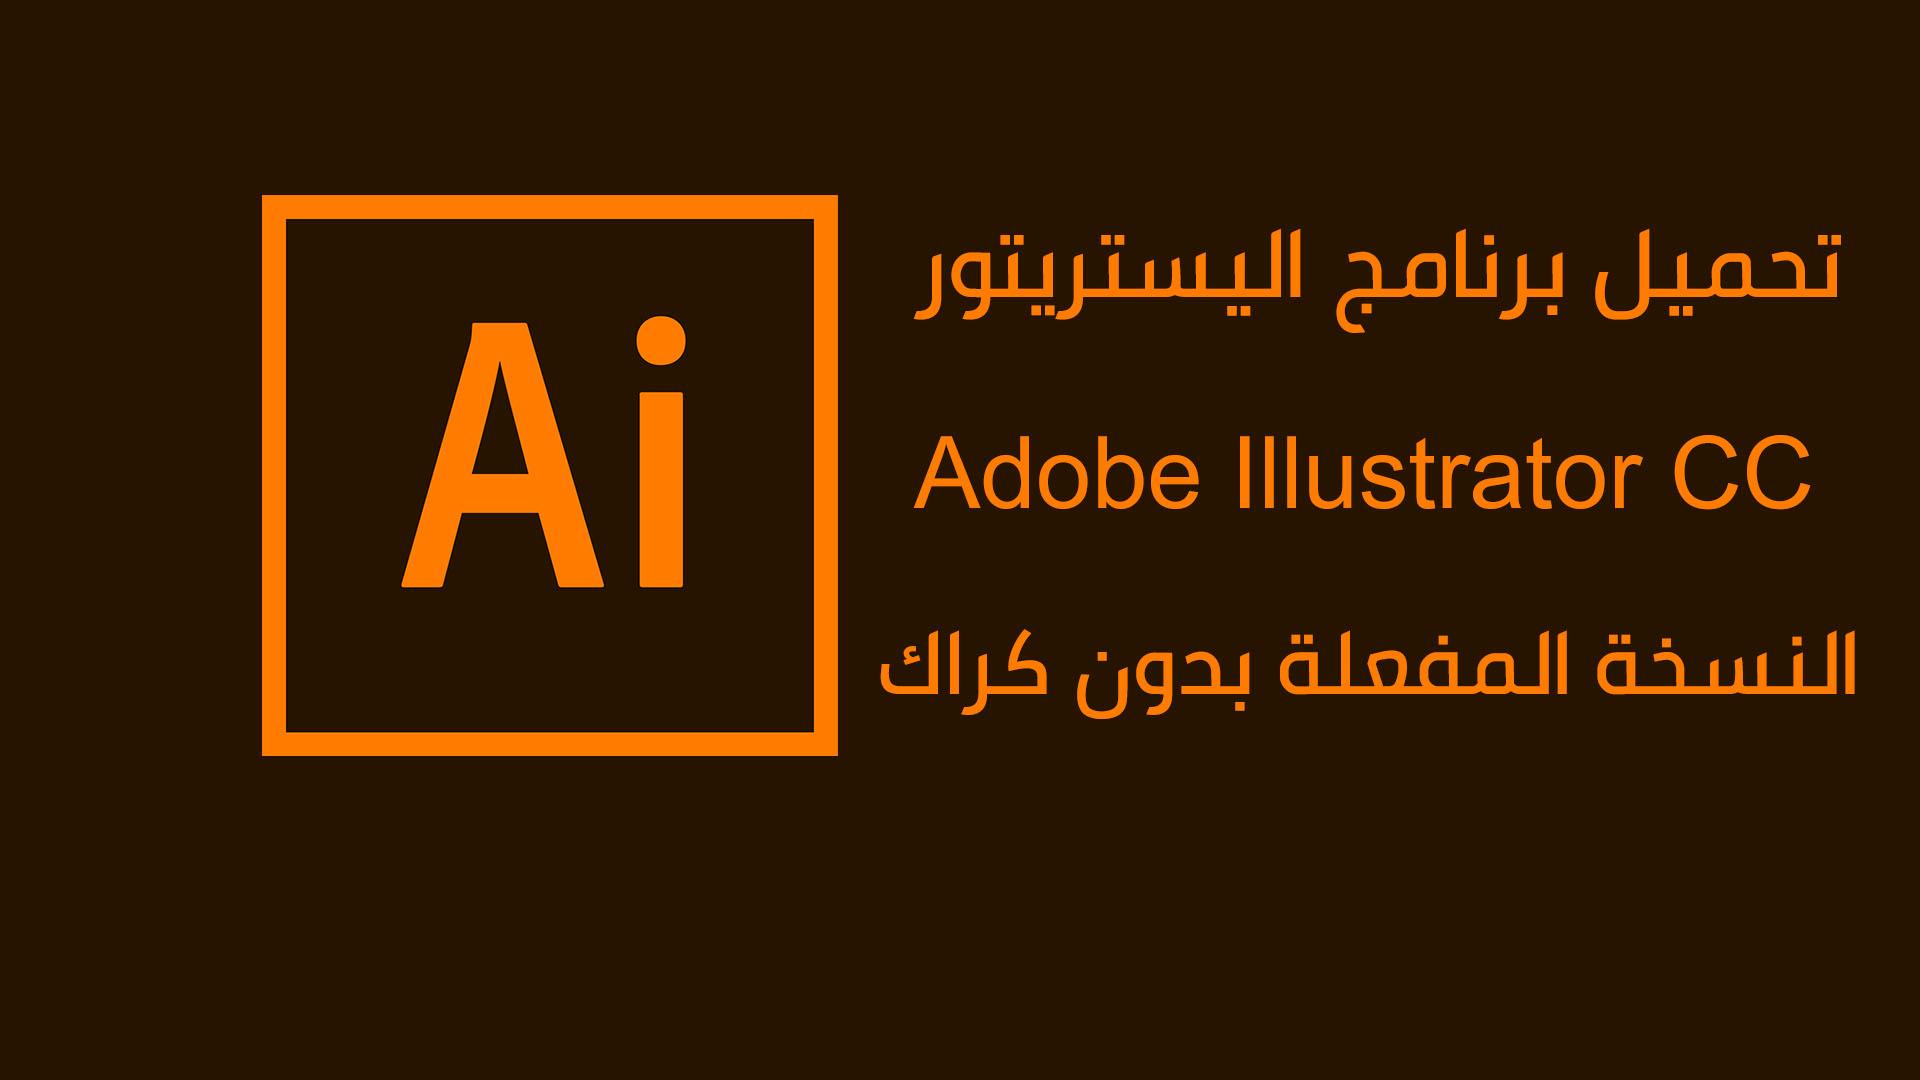 تحميل برنامج اليستريتور Adobe Illustrator CC 2020 النسخة المفعلة بدون كراك